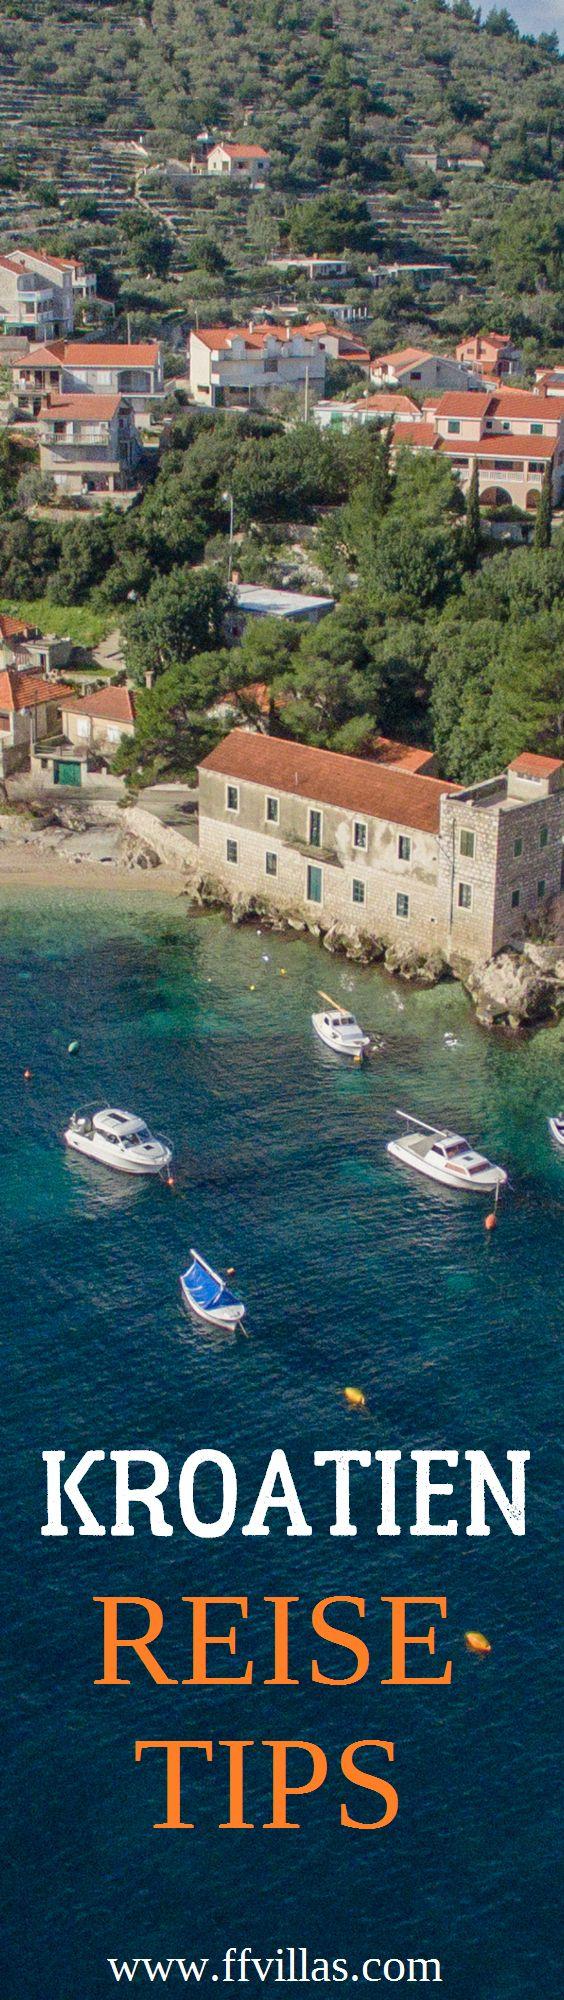 Kroatien Urlaub - Reise Tips - Kroatien Villas - #kroatien #urlaub #villas #ferien #ferienvilla #luxusvillen #villa #Mieten #pool #luxury #luxuryvillas #luxurytravel